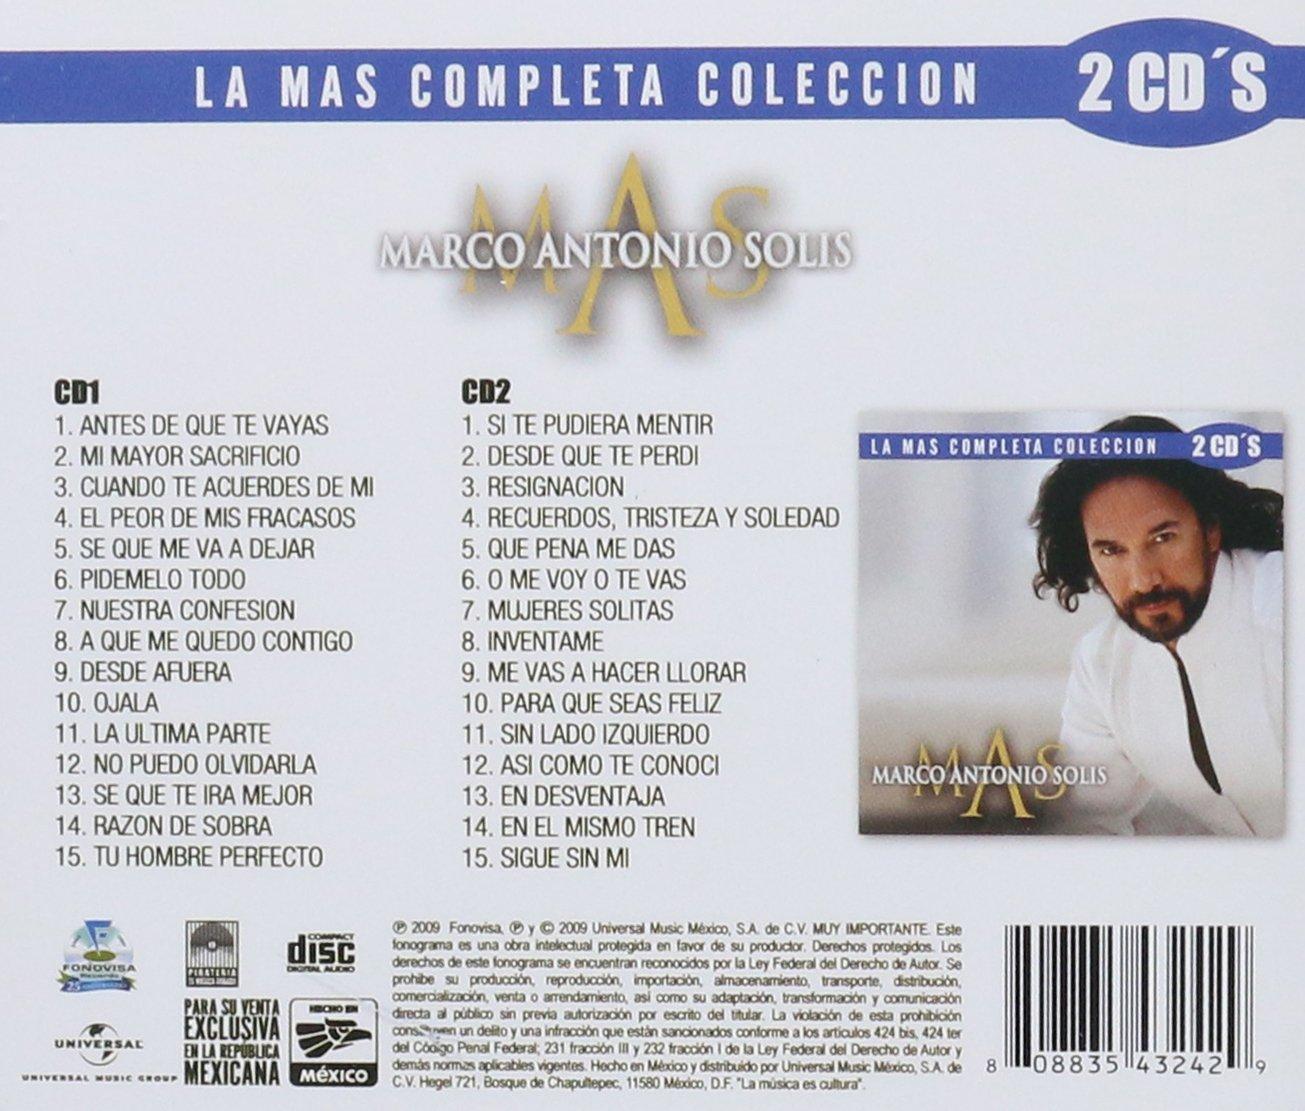 La Más Completa Colección: Amazon.com.mx: Música